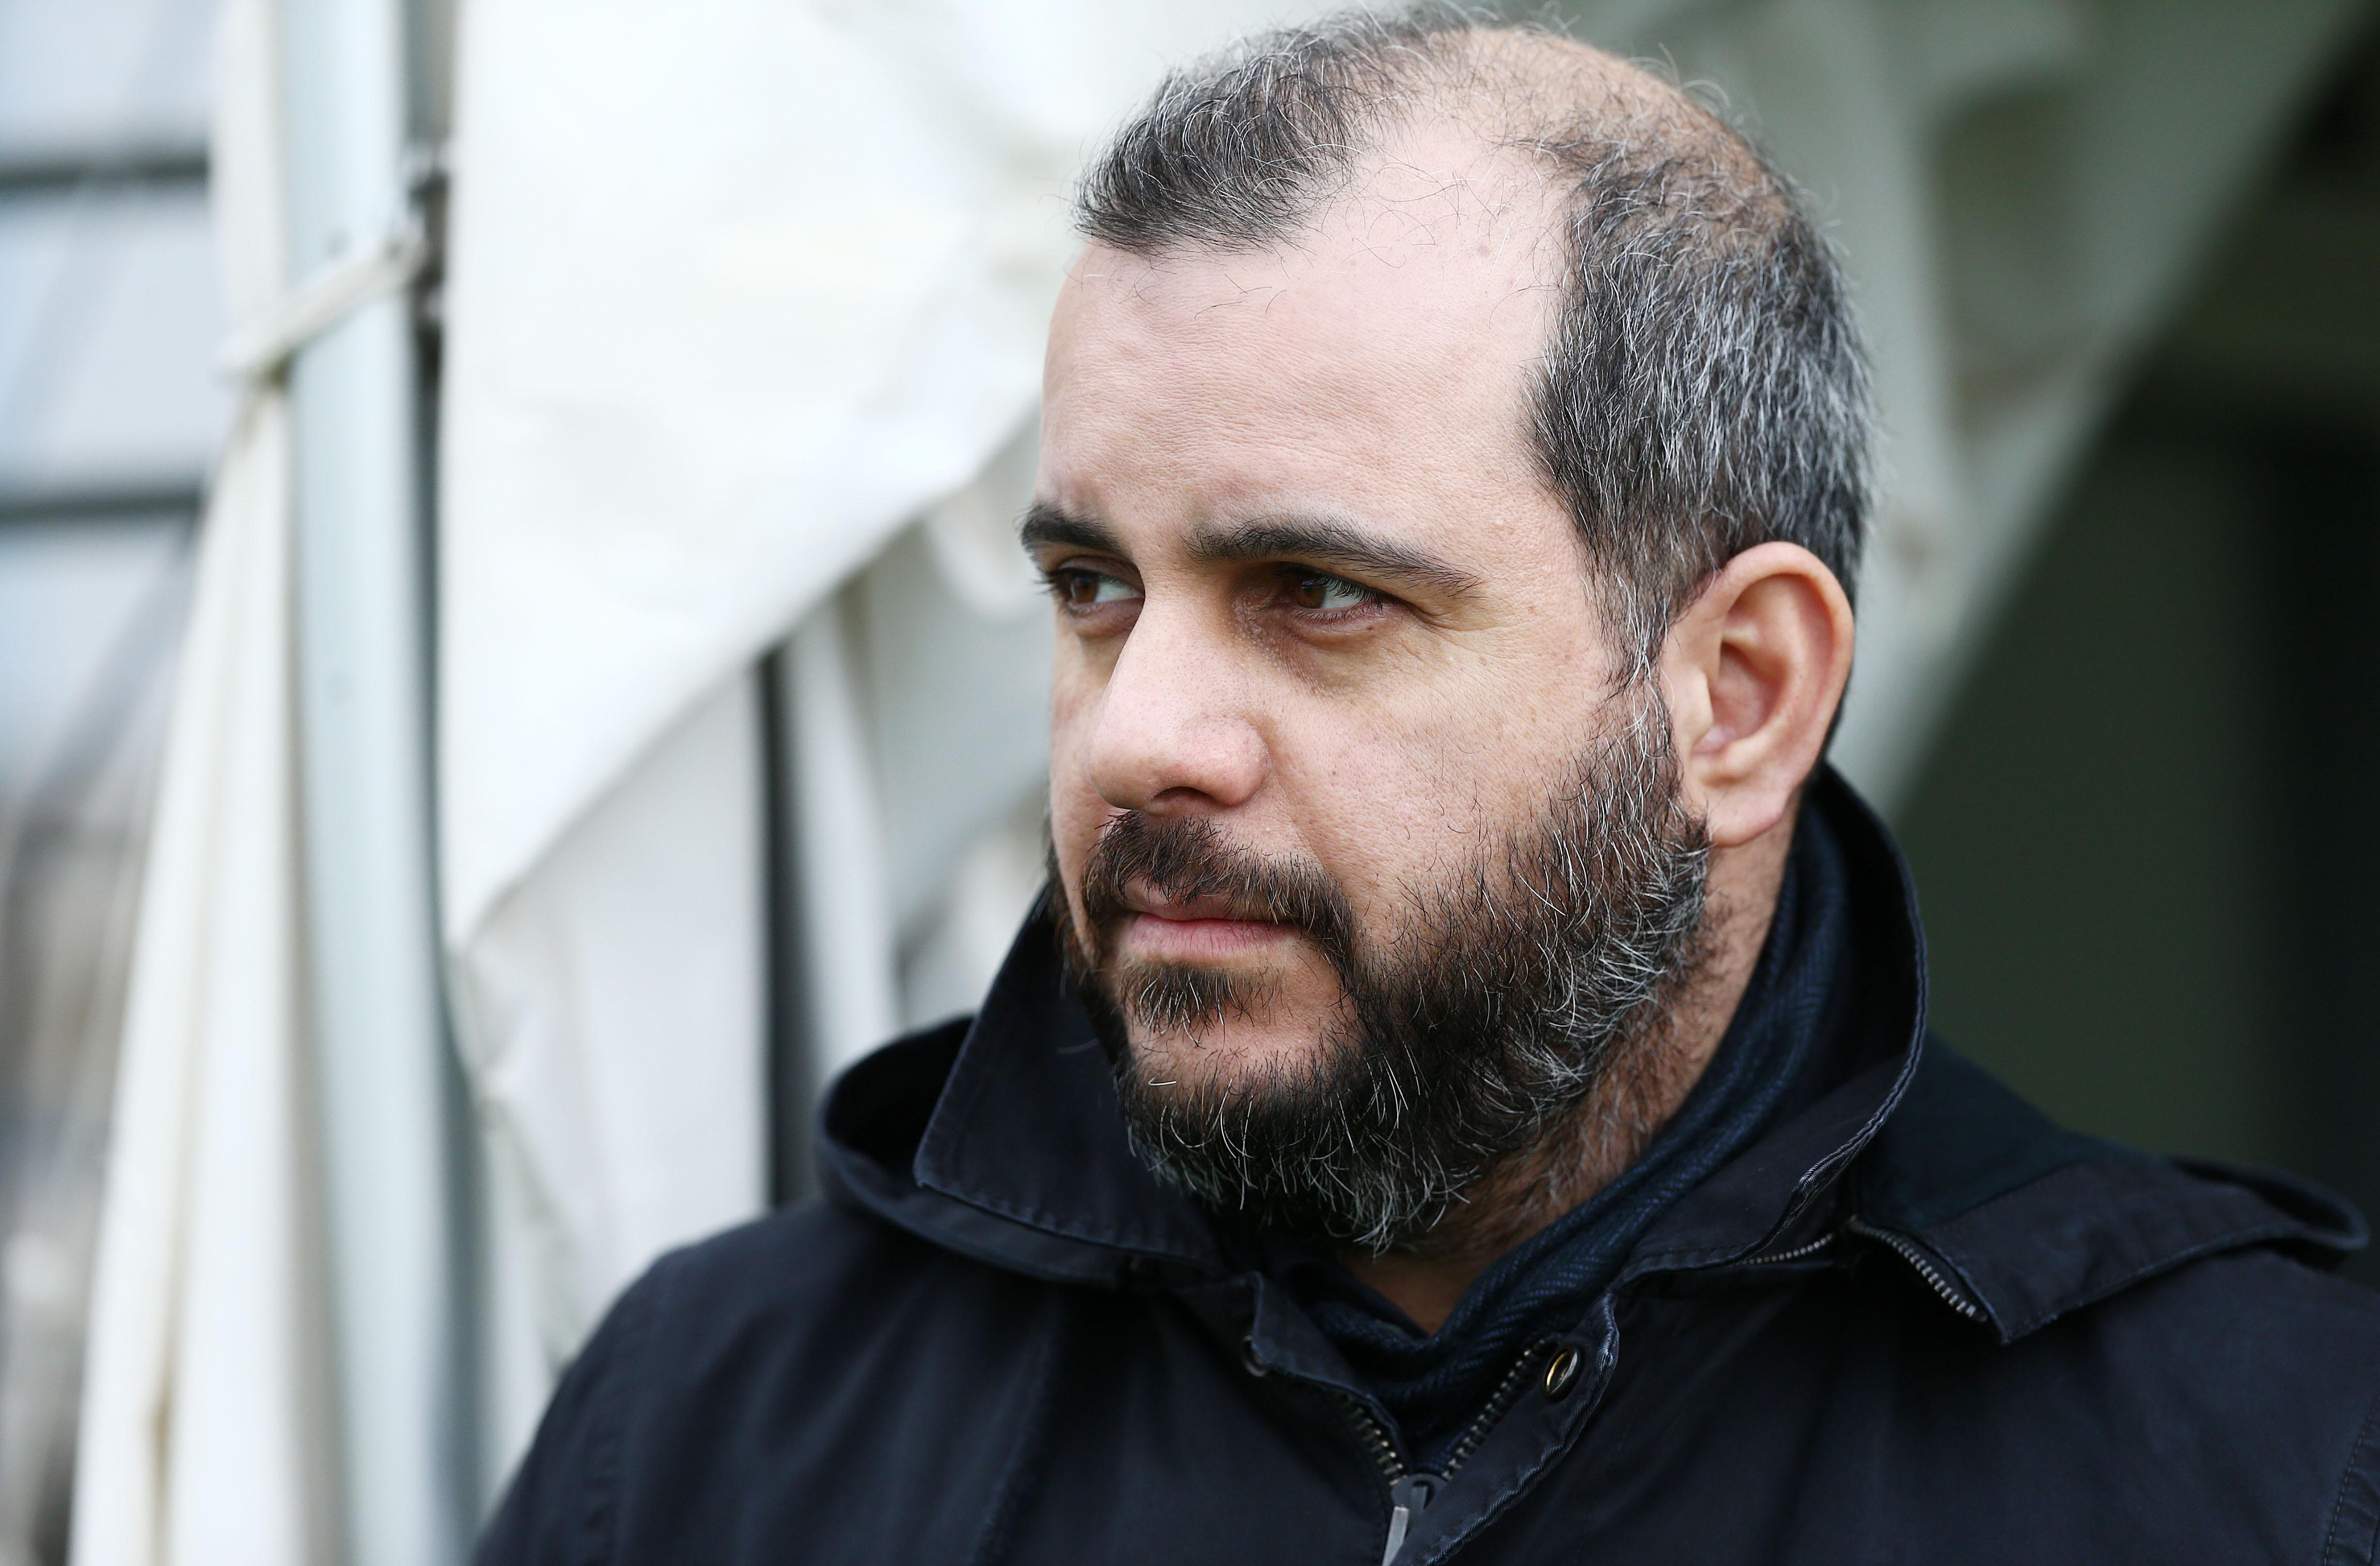 ΑΟΧ Κισσαμικός: Πειθαρχική δίωξη στον Αντώνη Ροκάκη